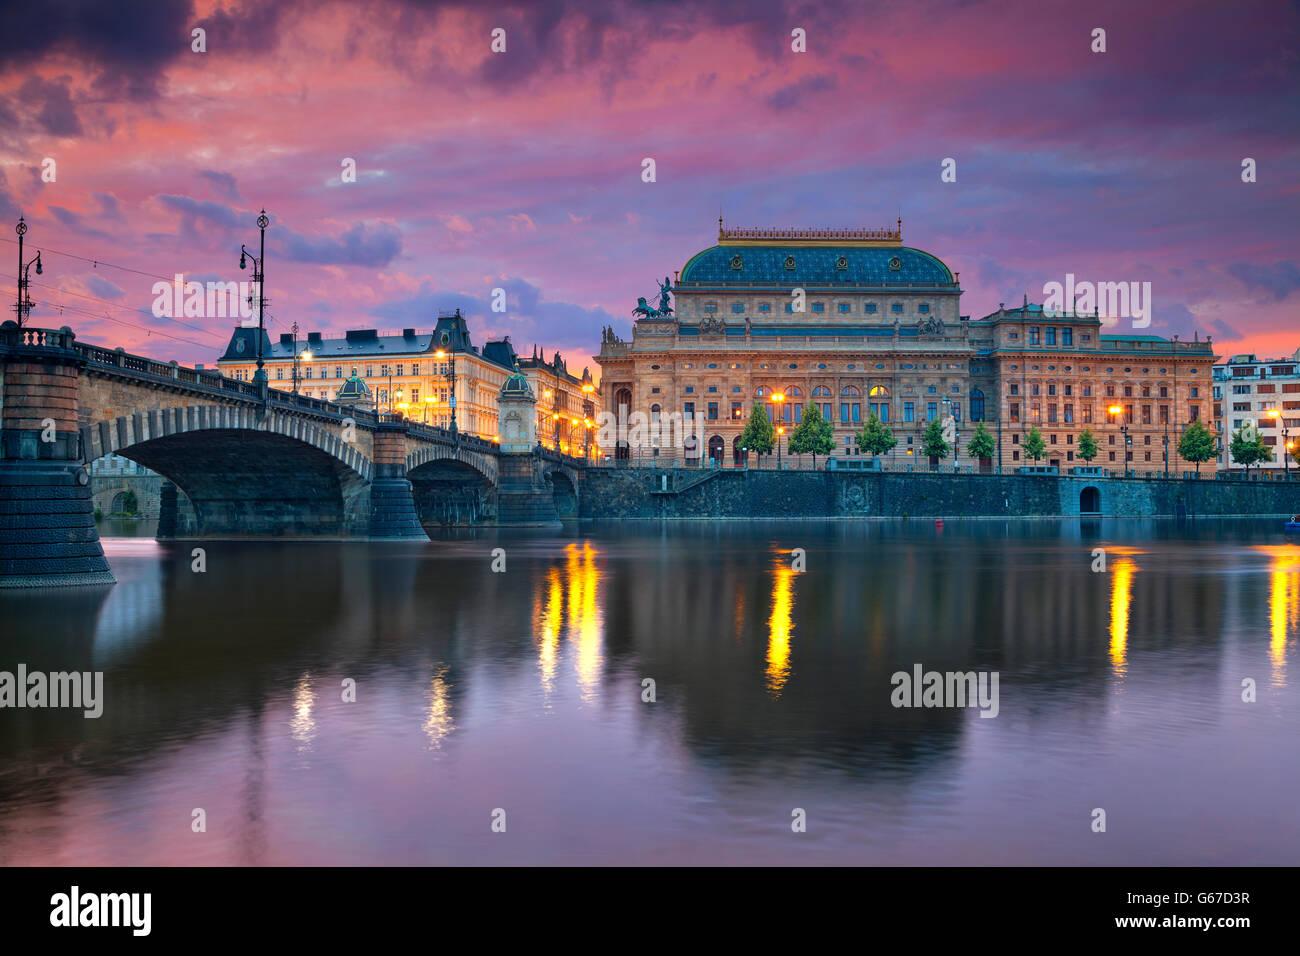 Prag. Bild von Prag am Flussufer mit Reflexion der Stadt im Fluss Vltava und Nationaltheater. Stockbild